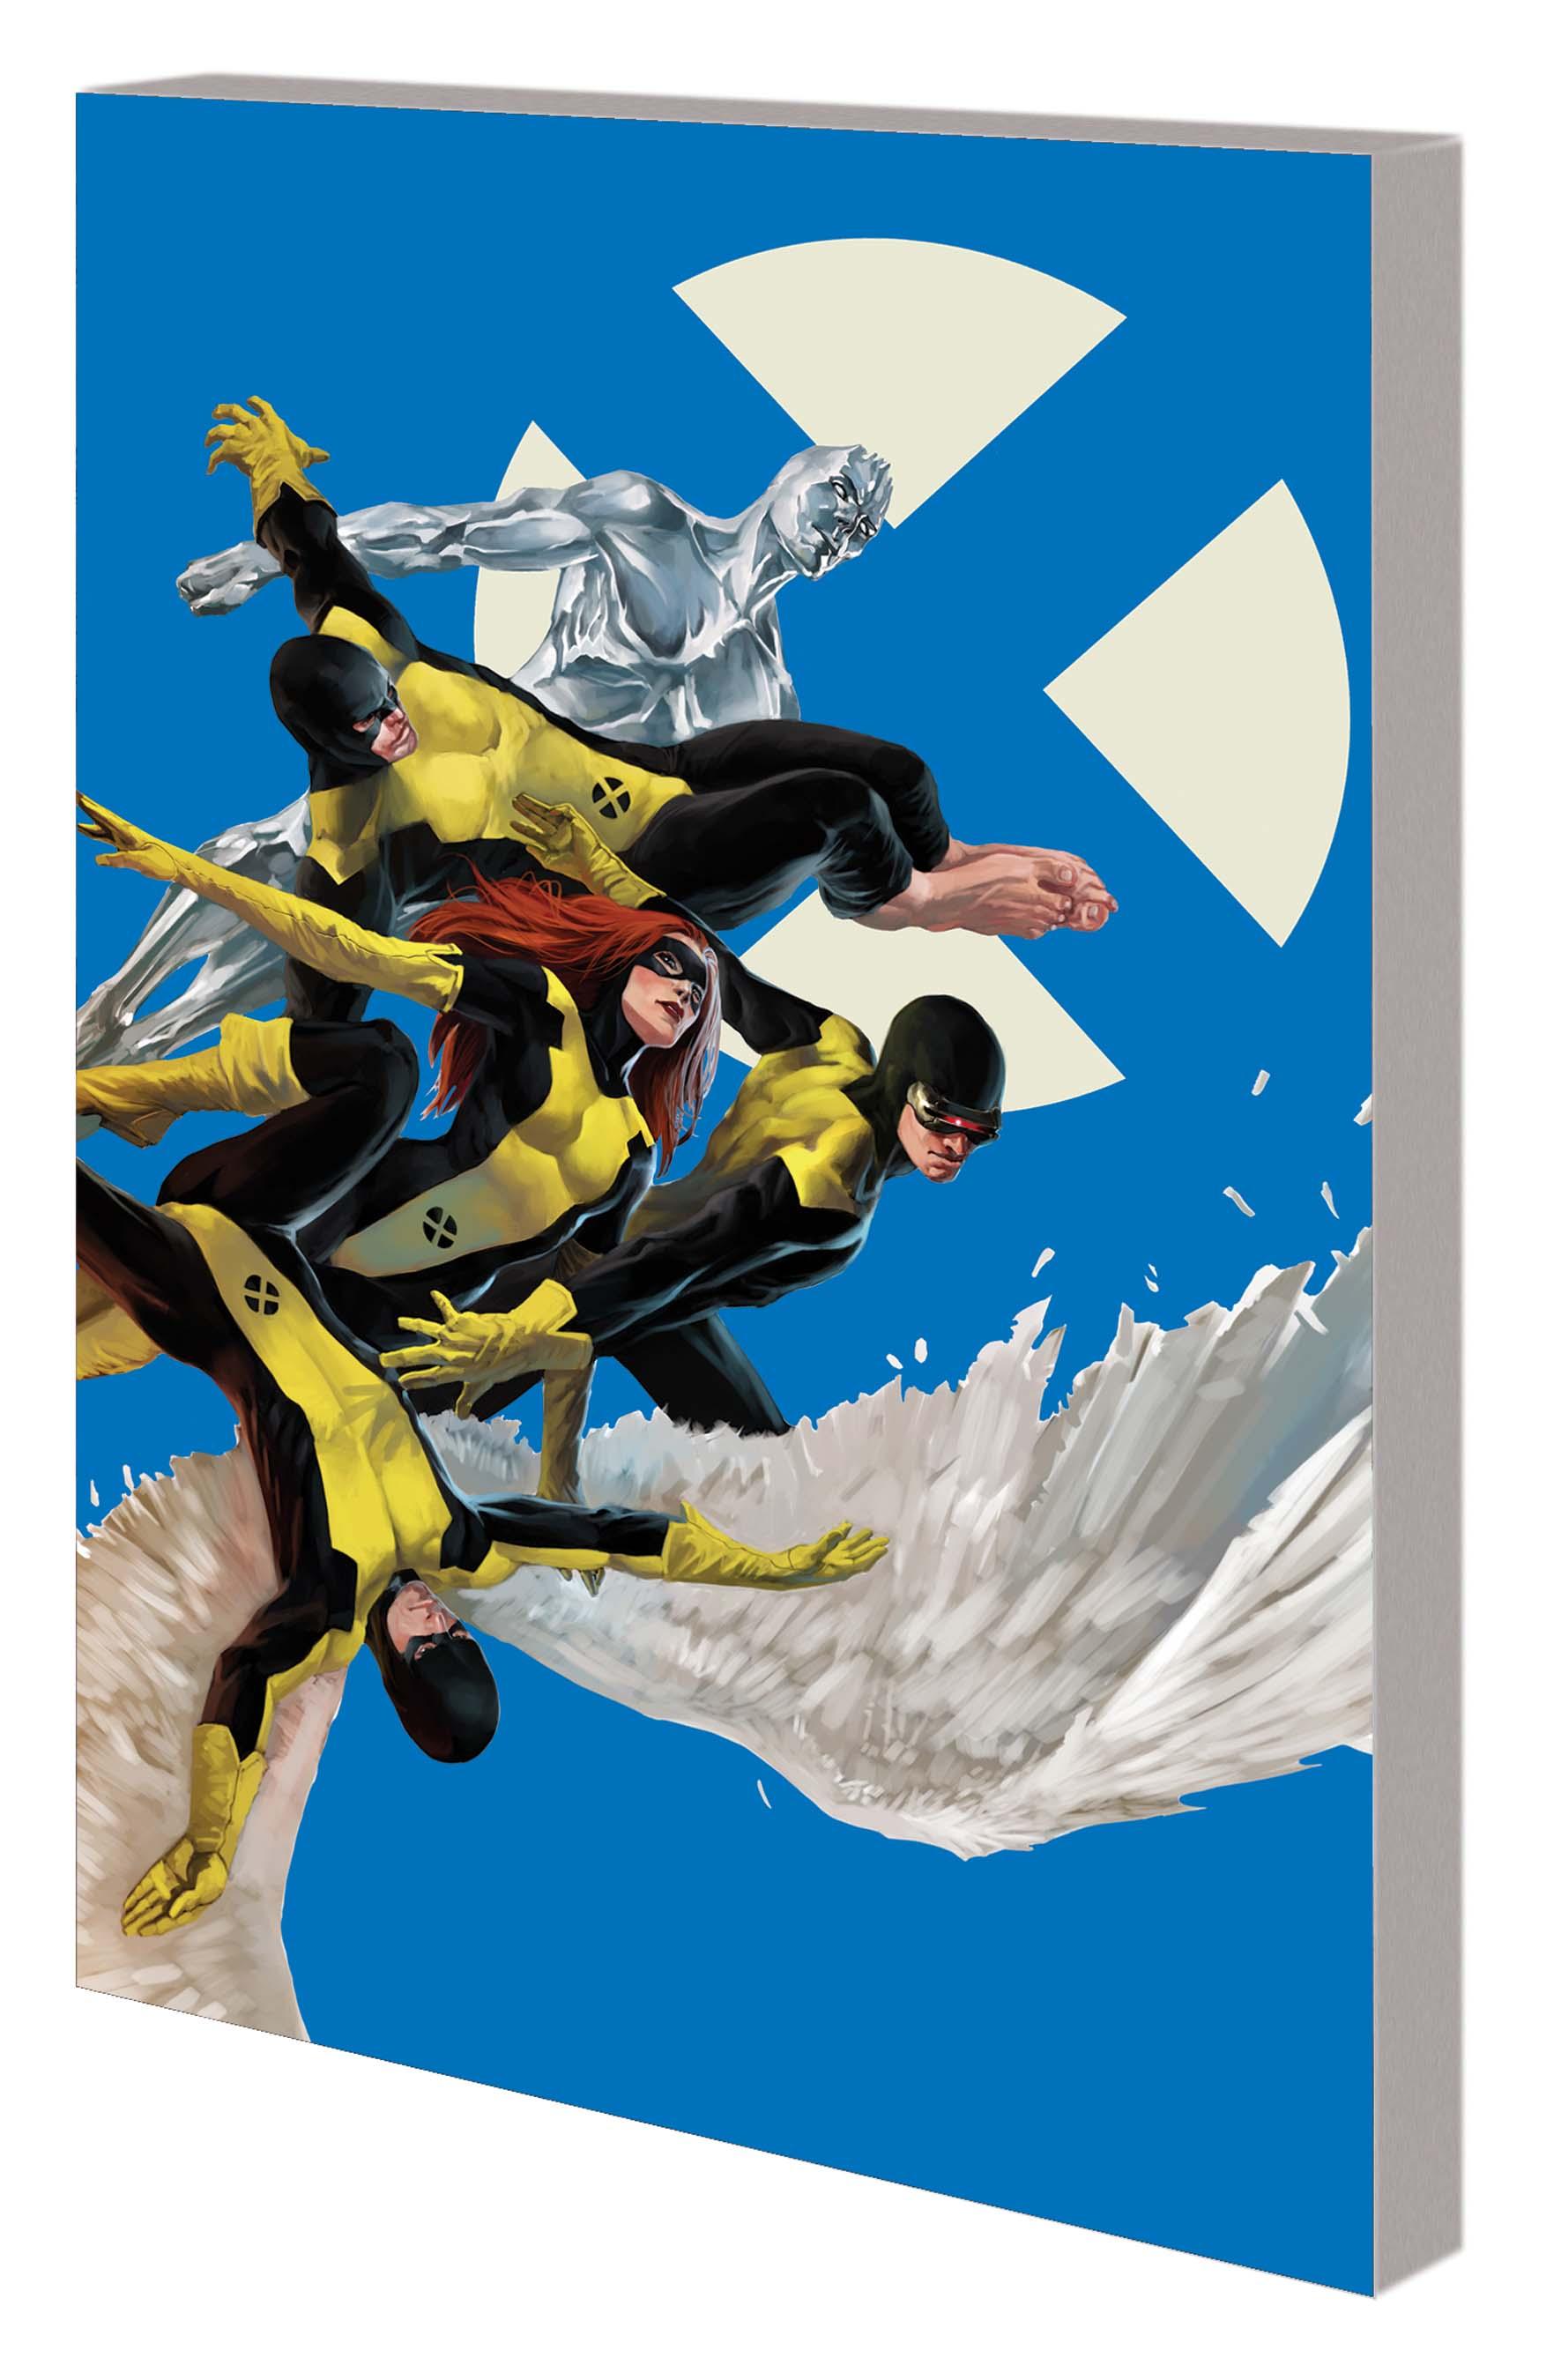 X-Men: First Class Vol. 1 GN-TPB (Graphic Novel)